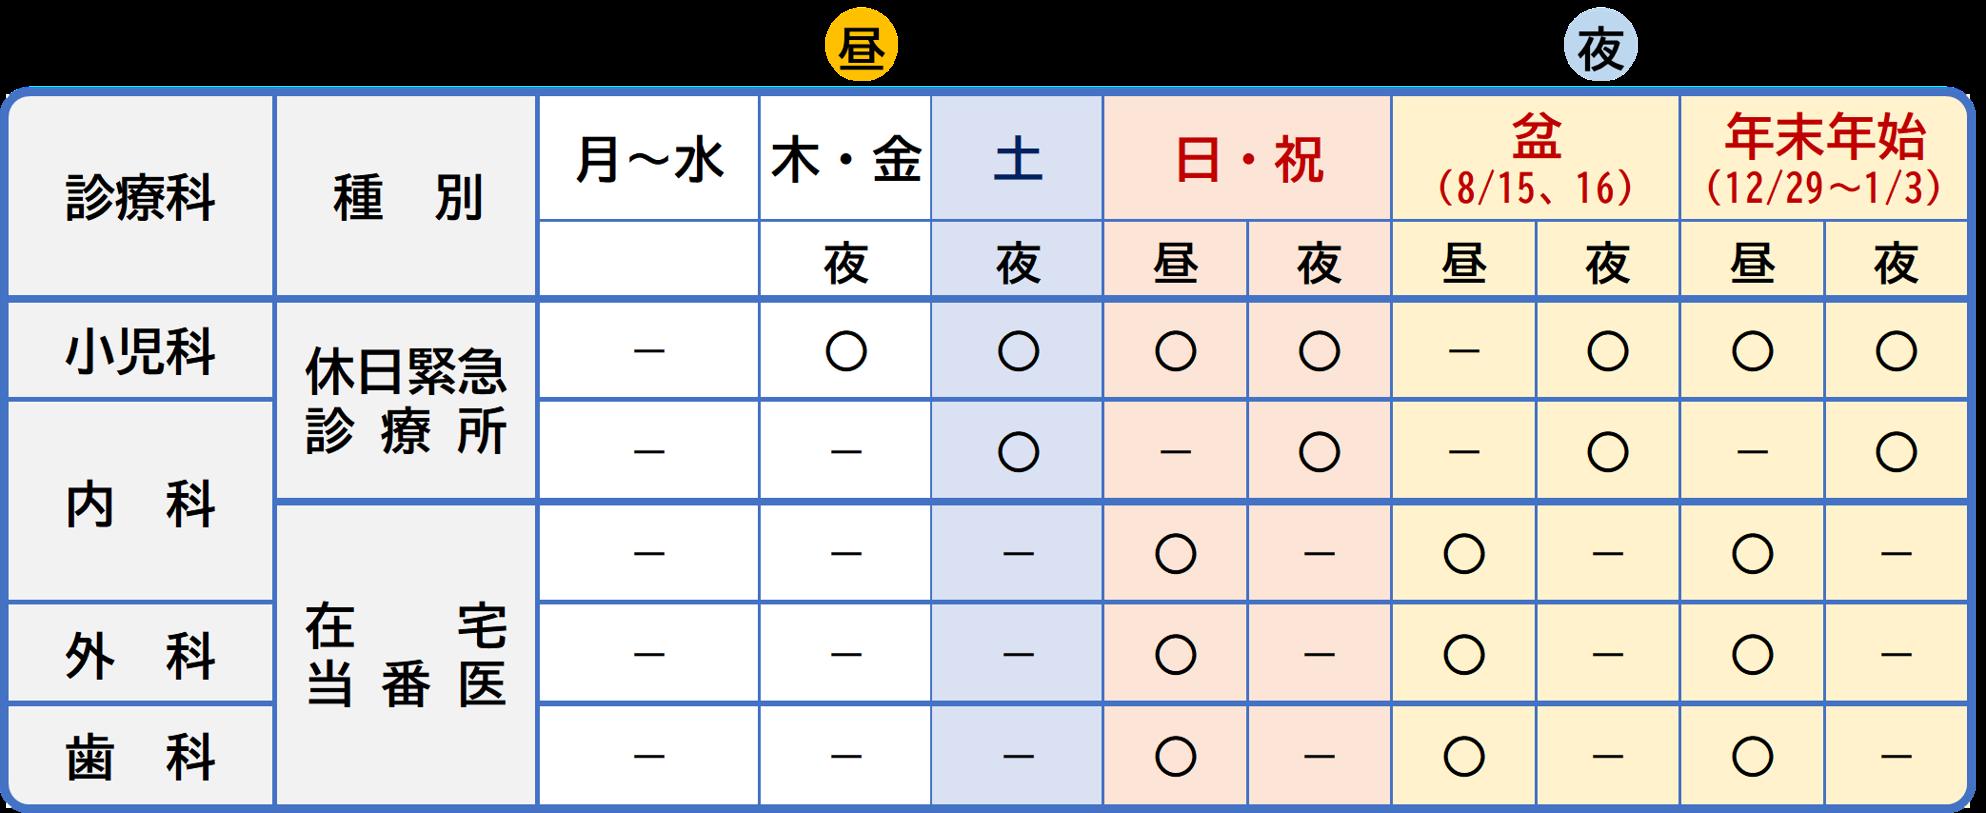 (図)土浦市の休日緊急診療の診療科と診療日時